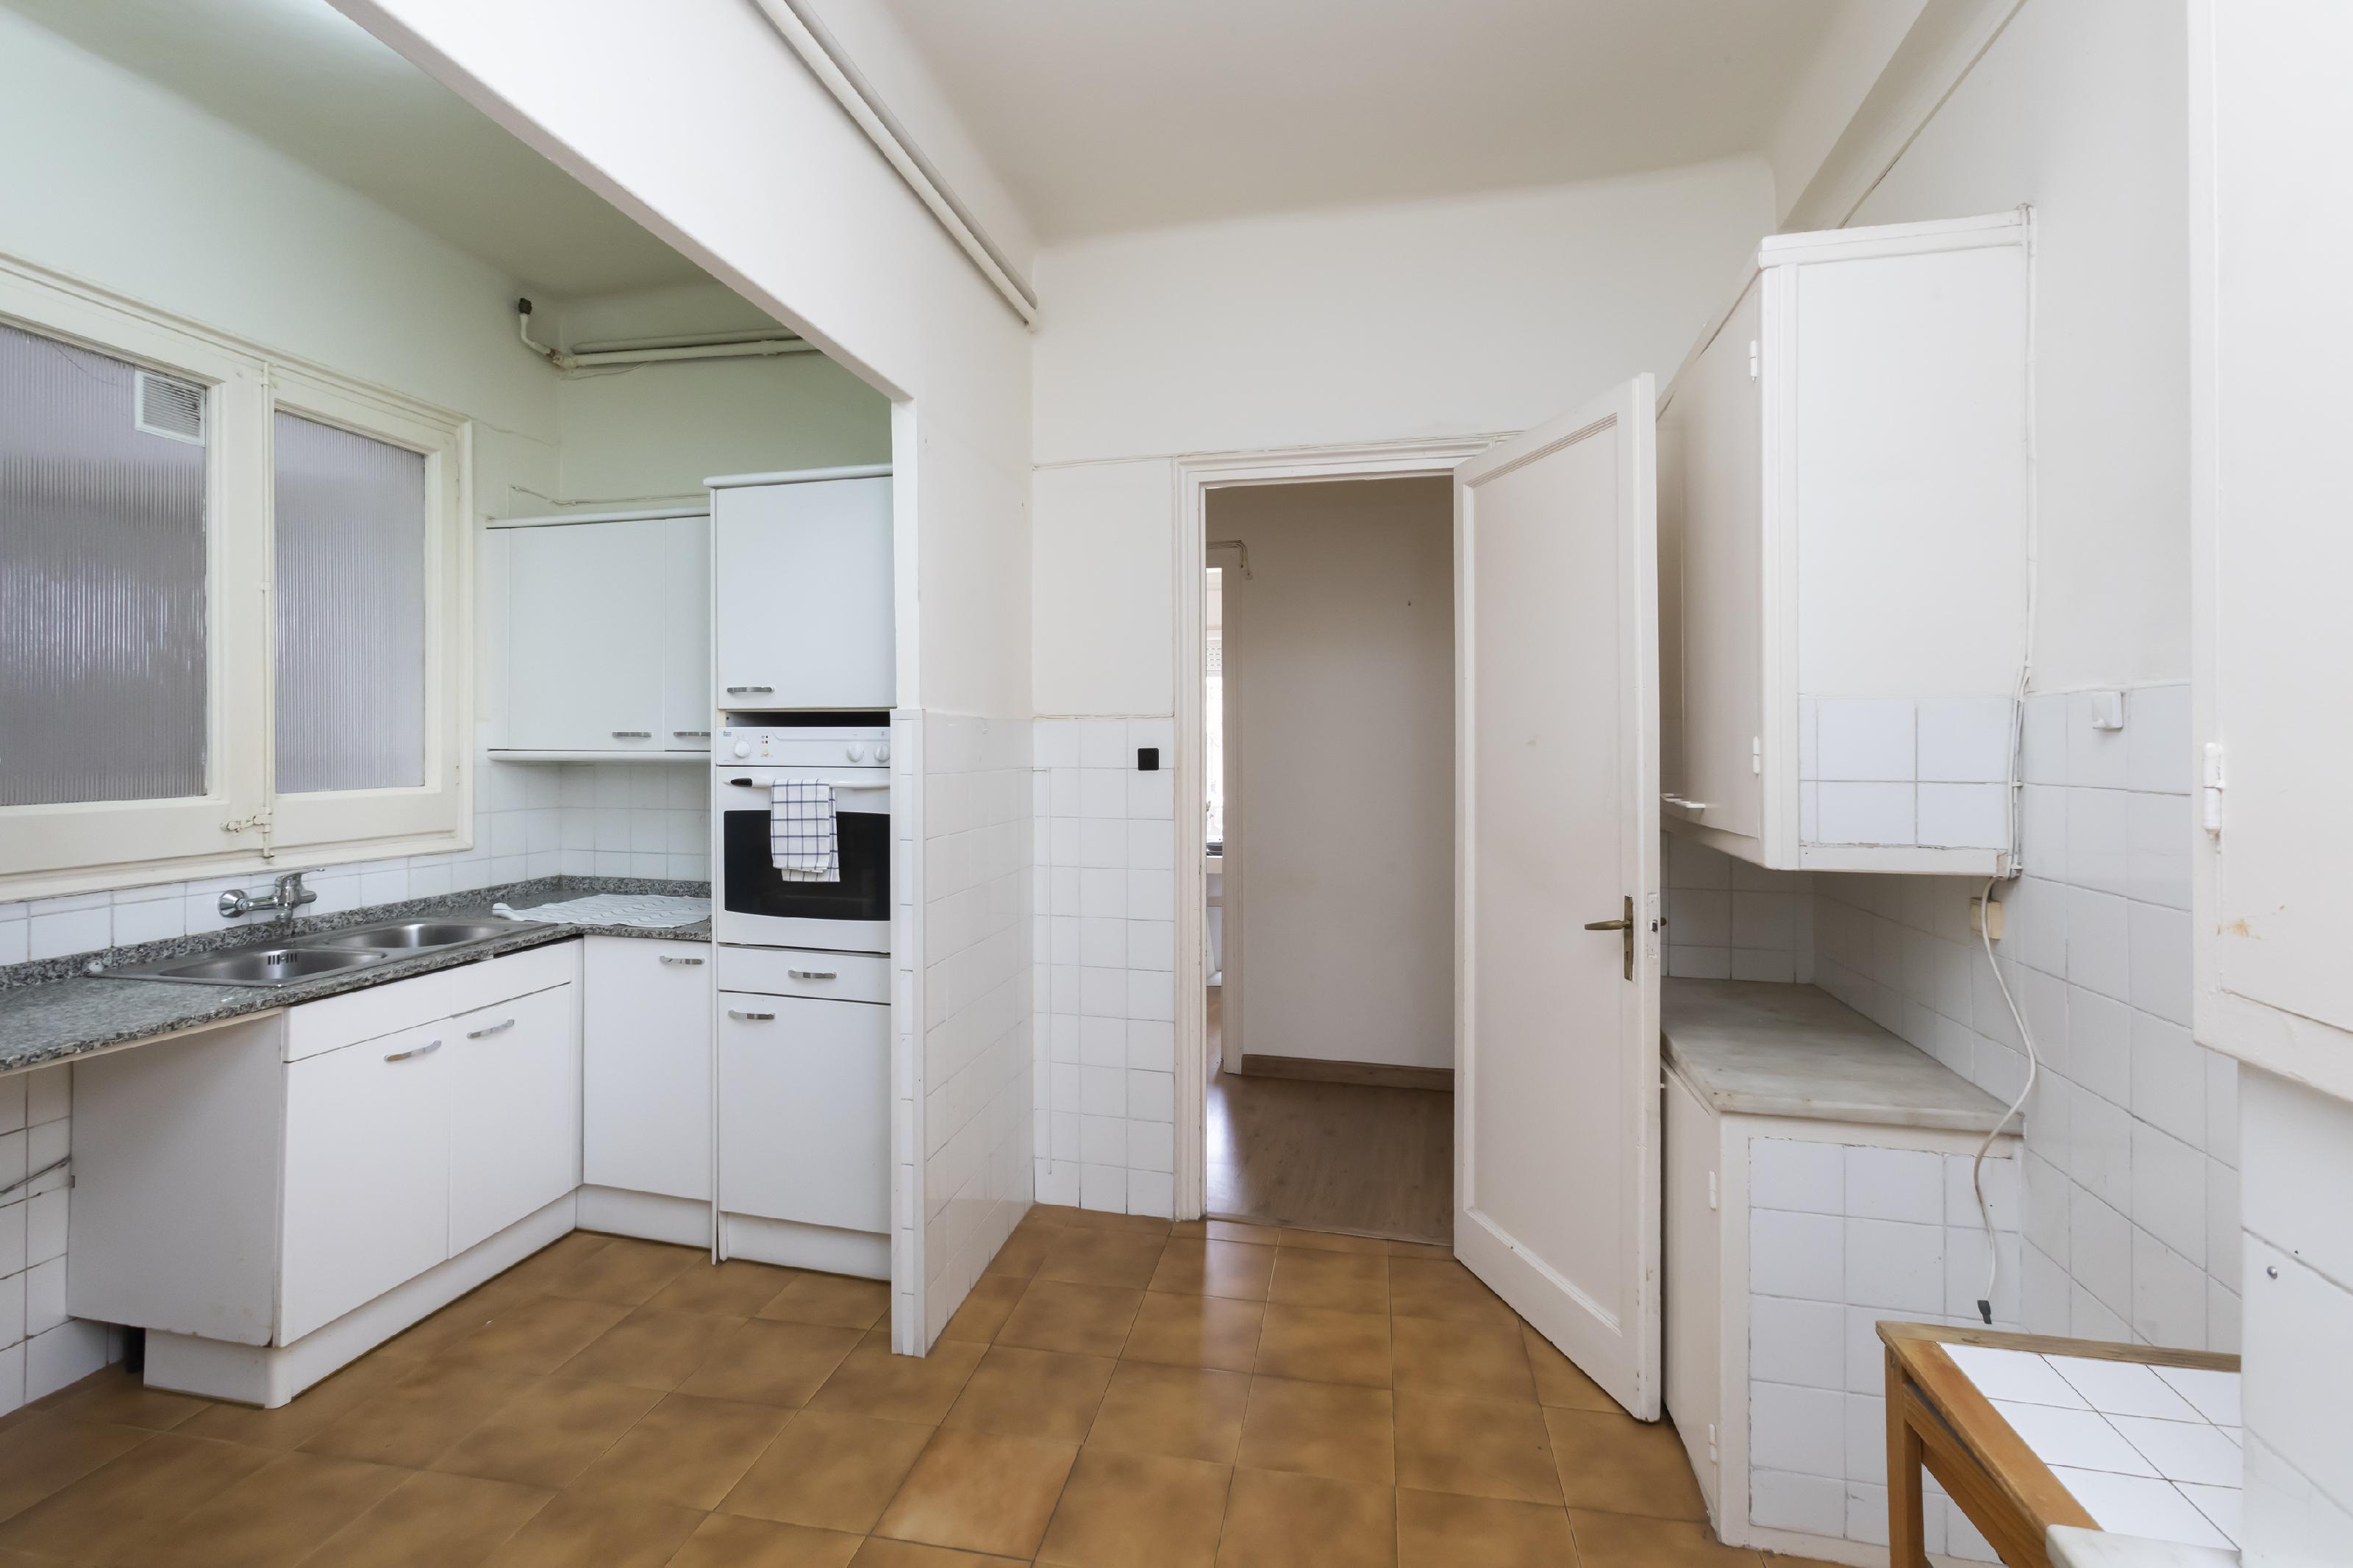 248888 Flat for sale in Sarrià-Sant Gervasi, St. Gervasi-Bonanova 20